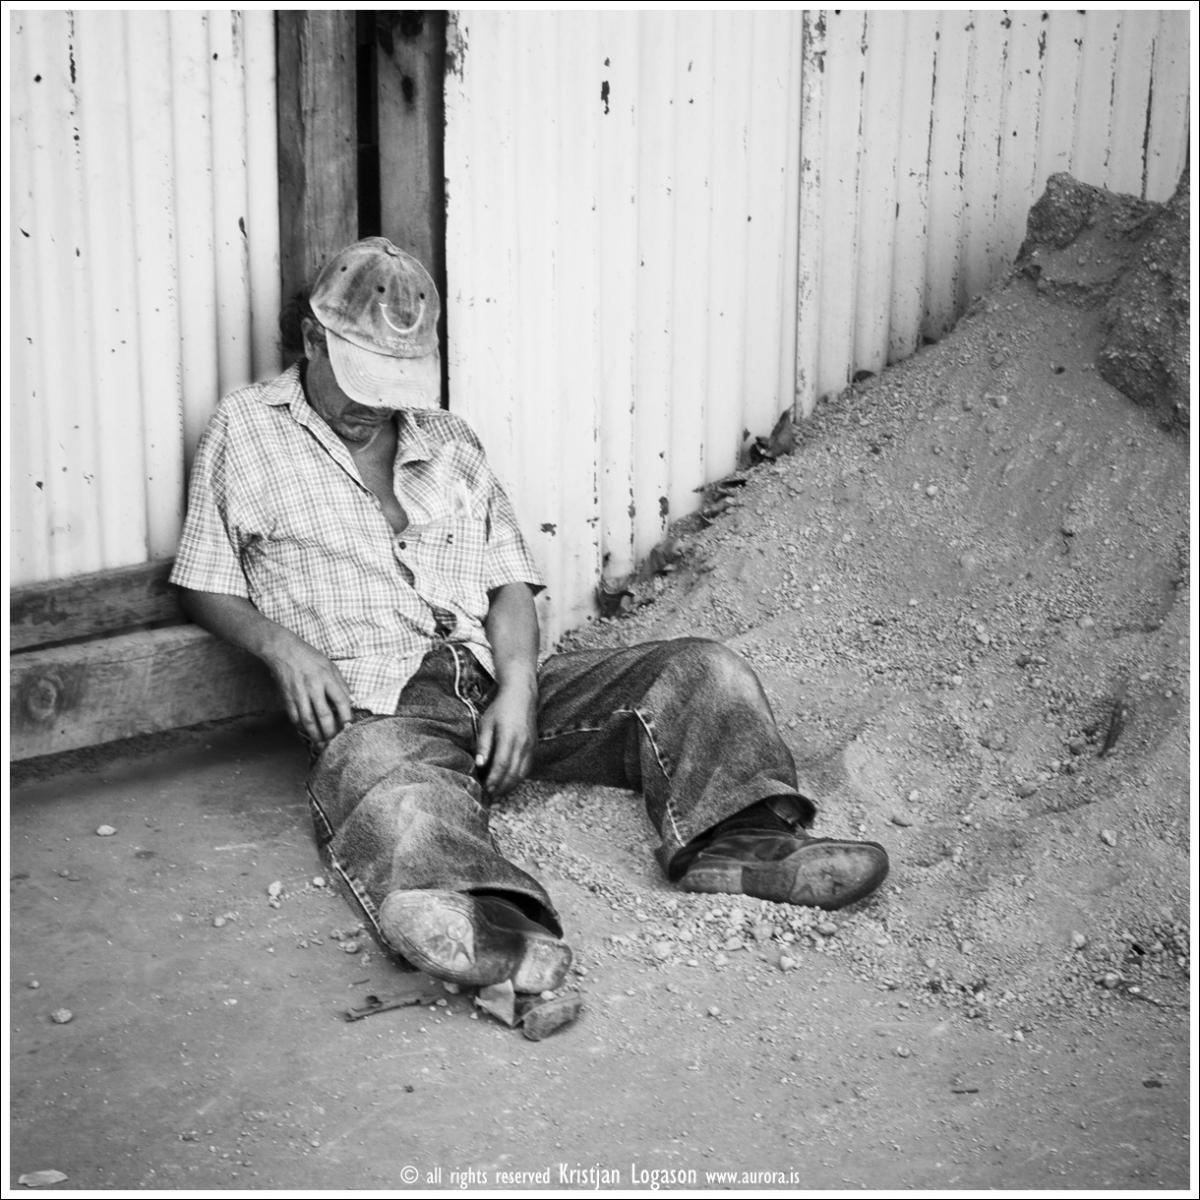 Tired man sleeping on the sidewalk i Juayua El Salvador